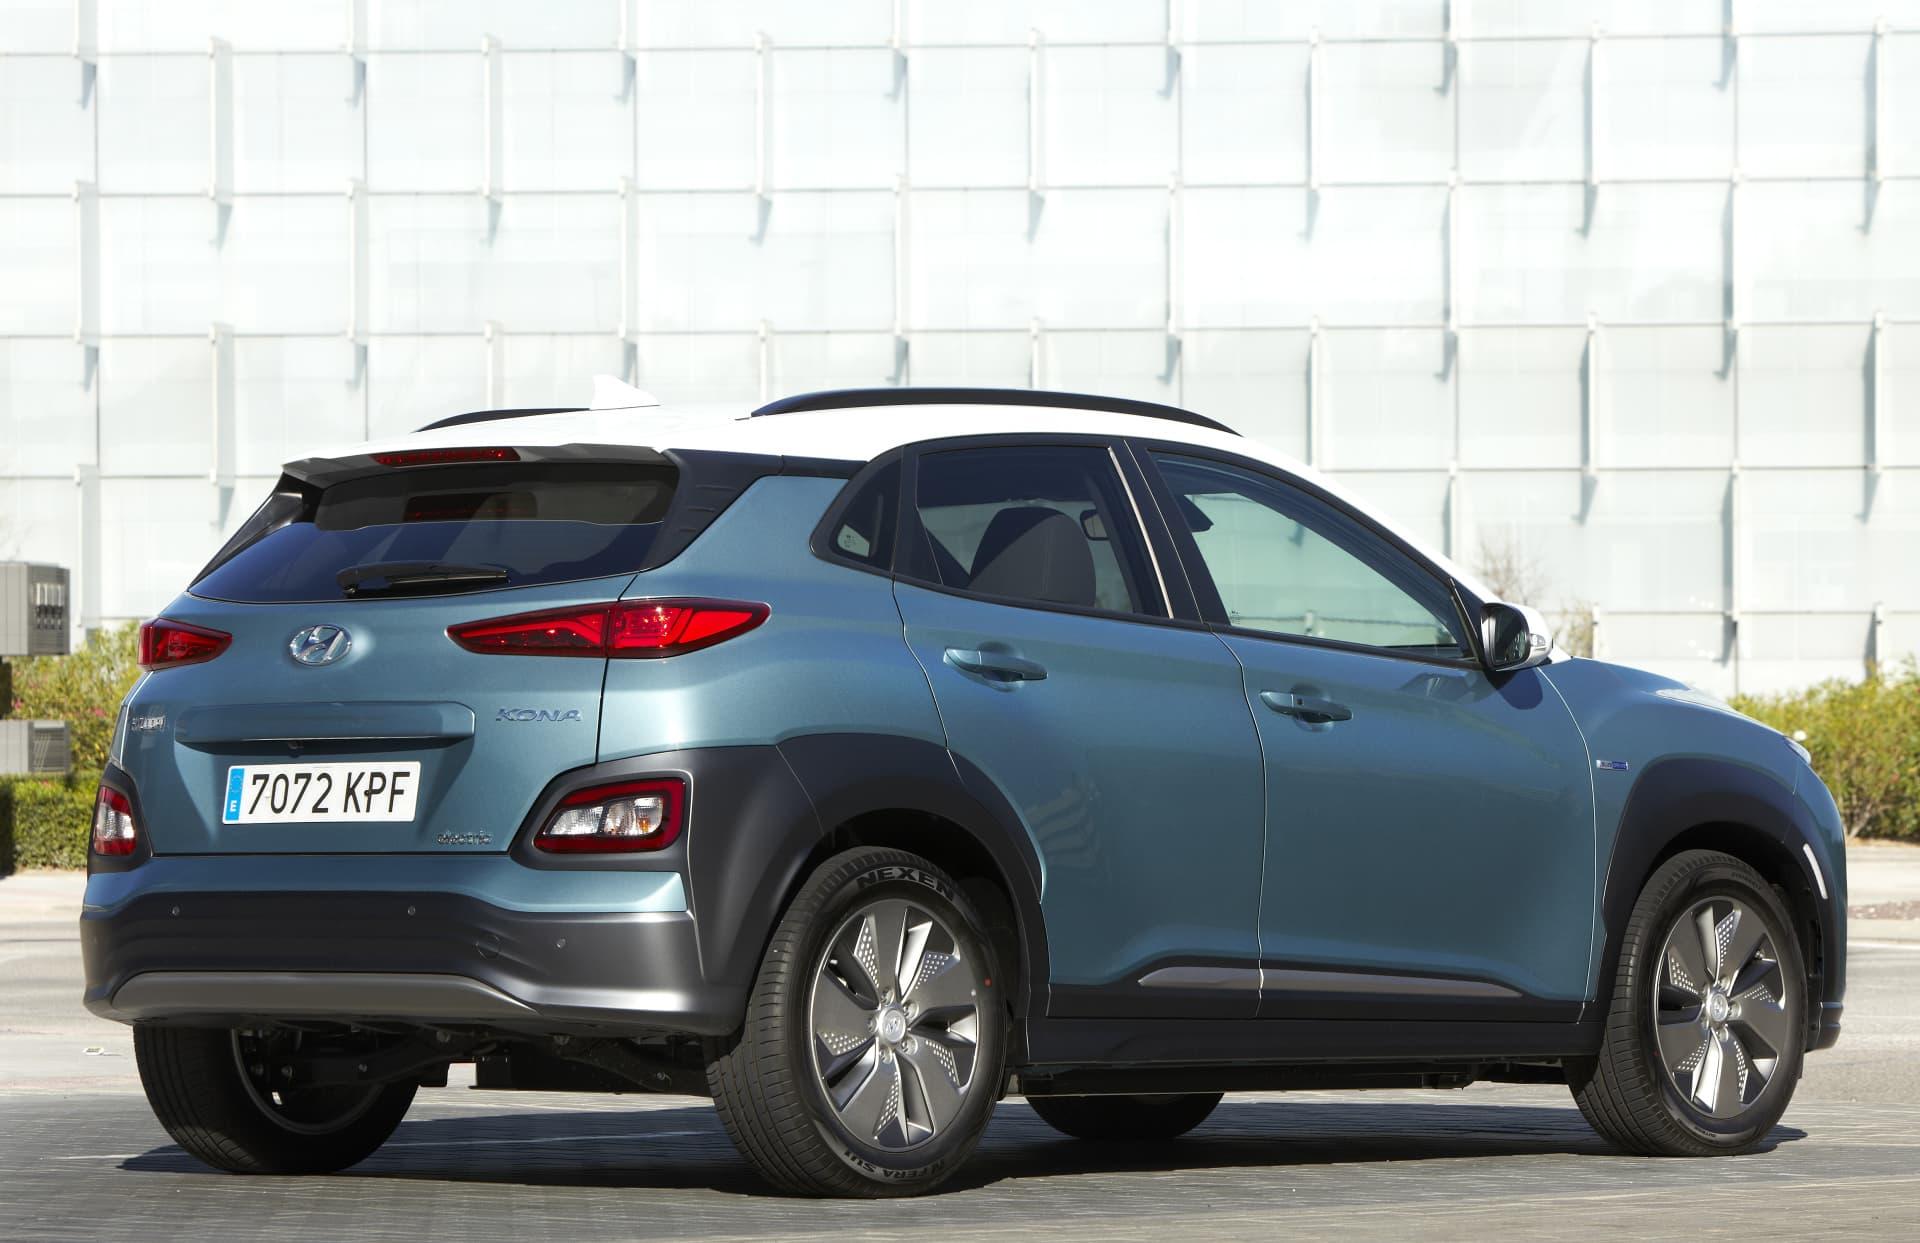 Hyundai Kona Fotos Dm 31